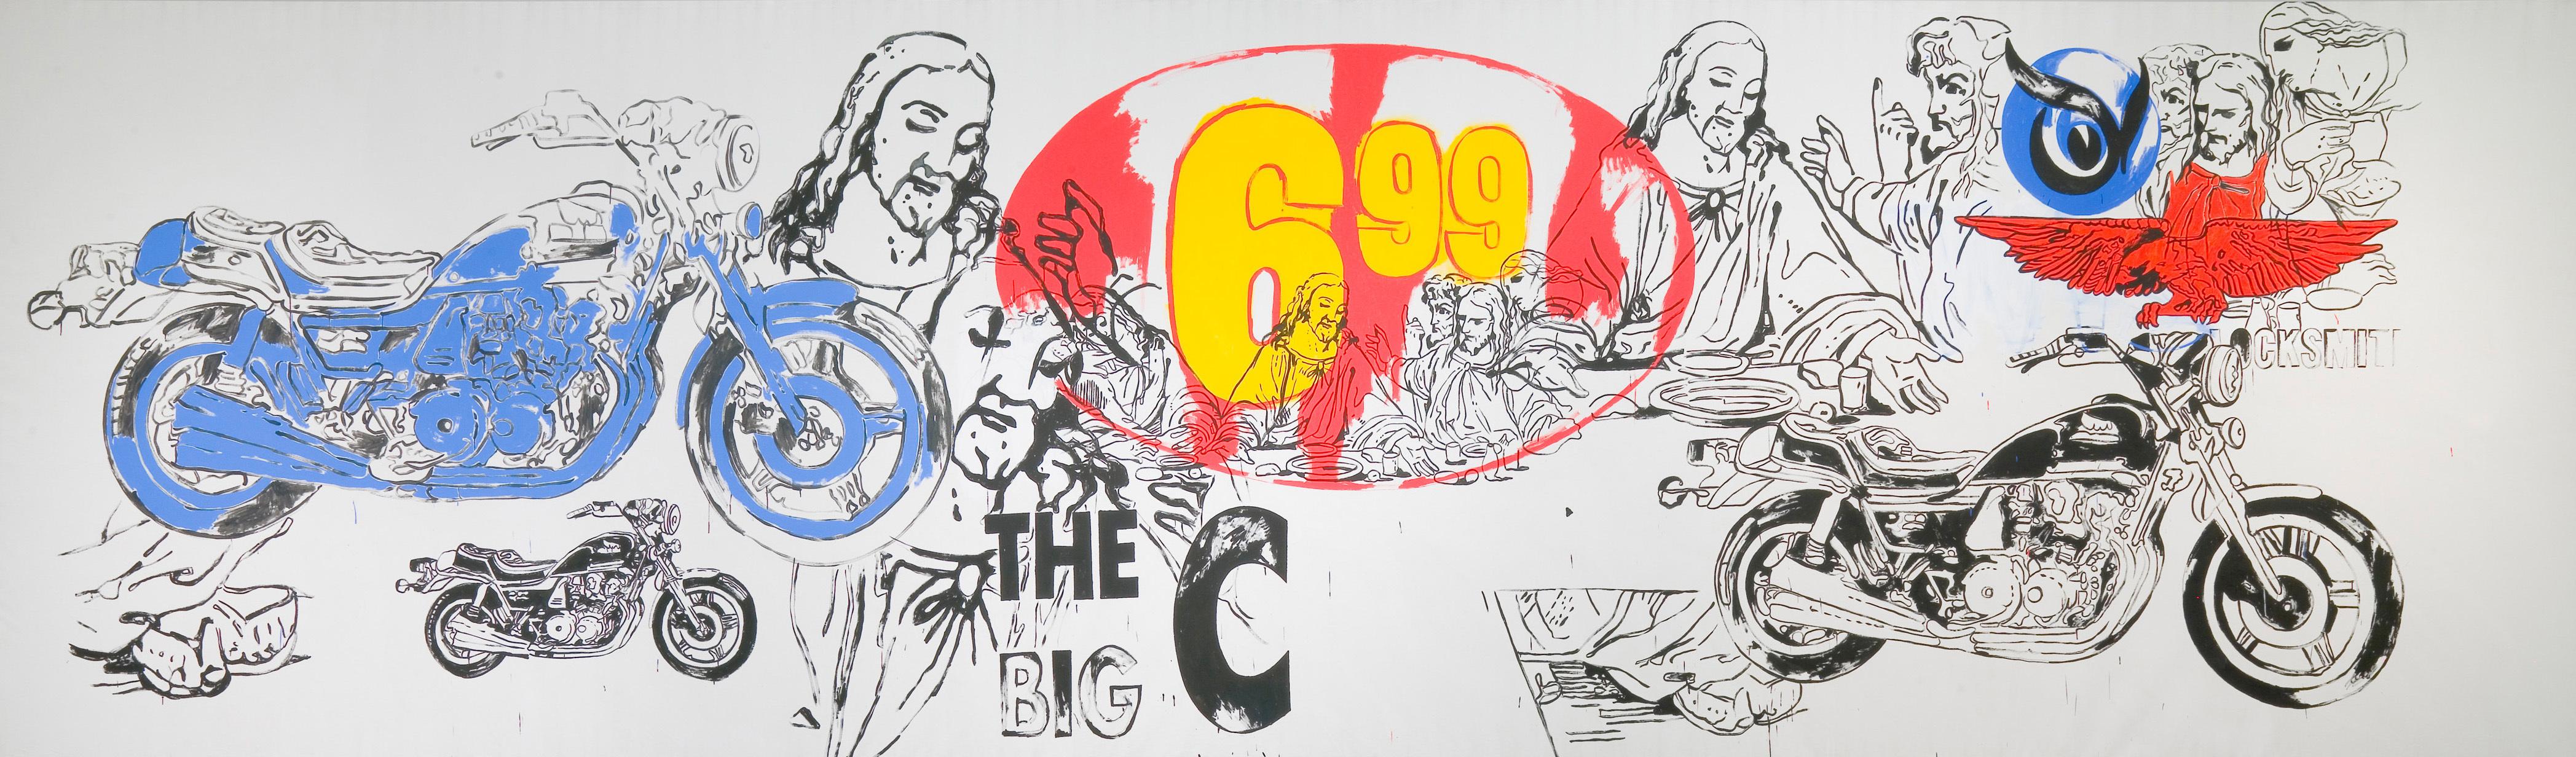 アンディ・ウォーホル 《最後の晩餐》 1986年 アンディ・ウォーホル美術館蔵 (C)The Andy Warhol Foundation for the Visual Arts, Inc. / Artists Rights Society (ARS), New York